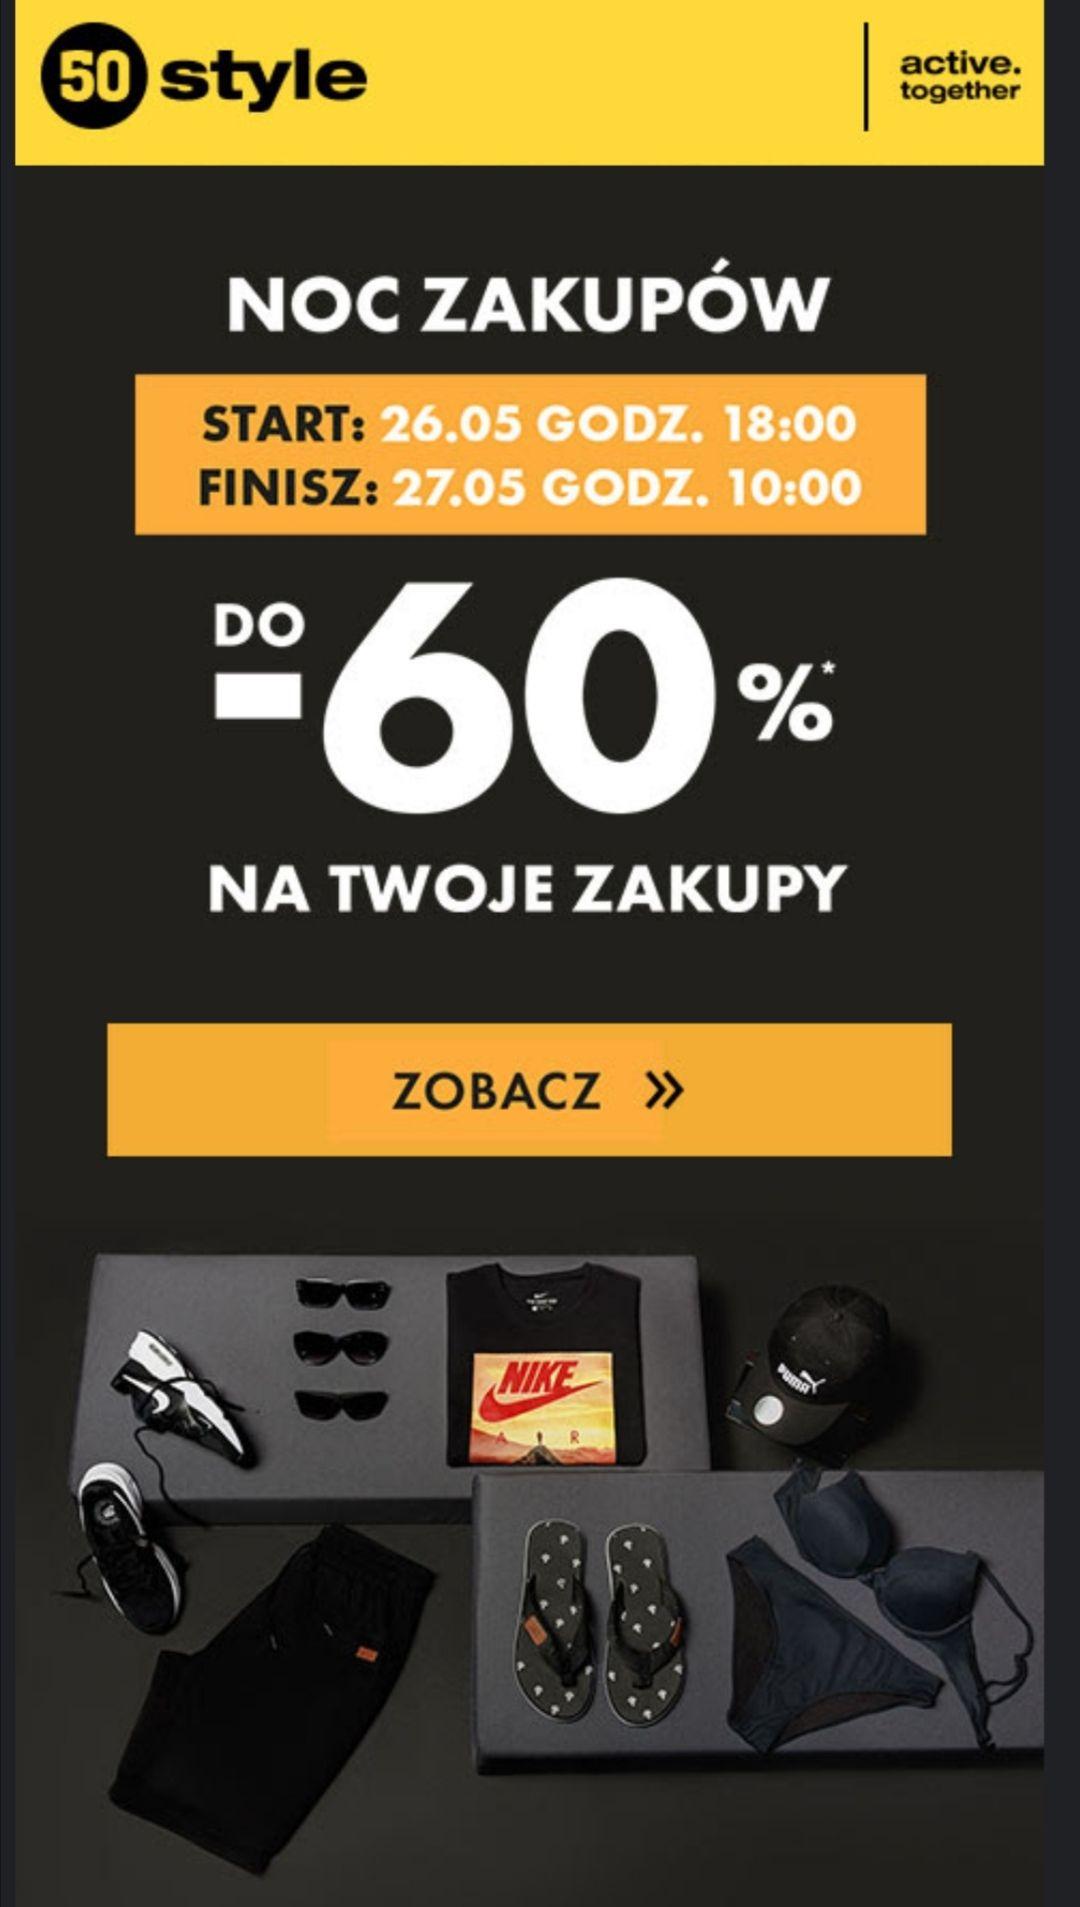 Do -60% w sklepie internetowym 50 style